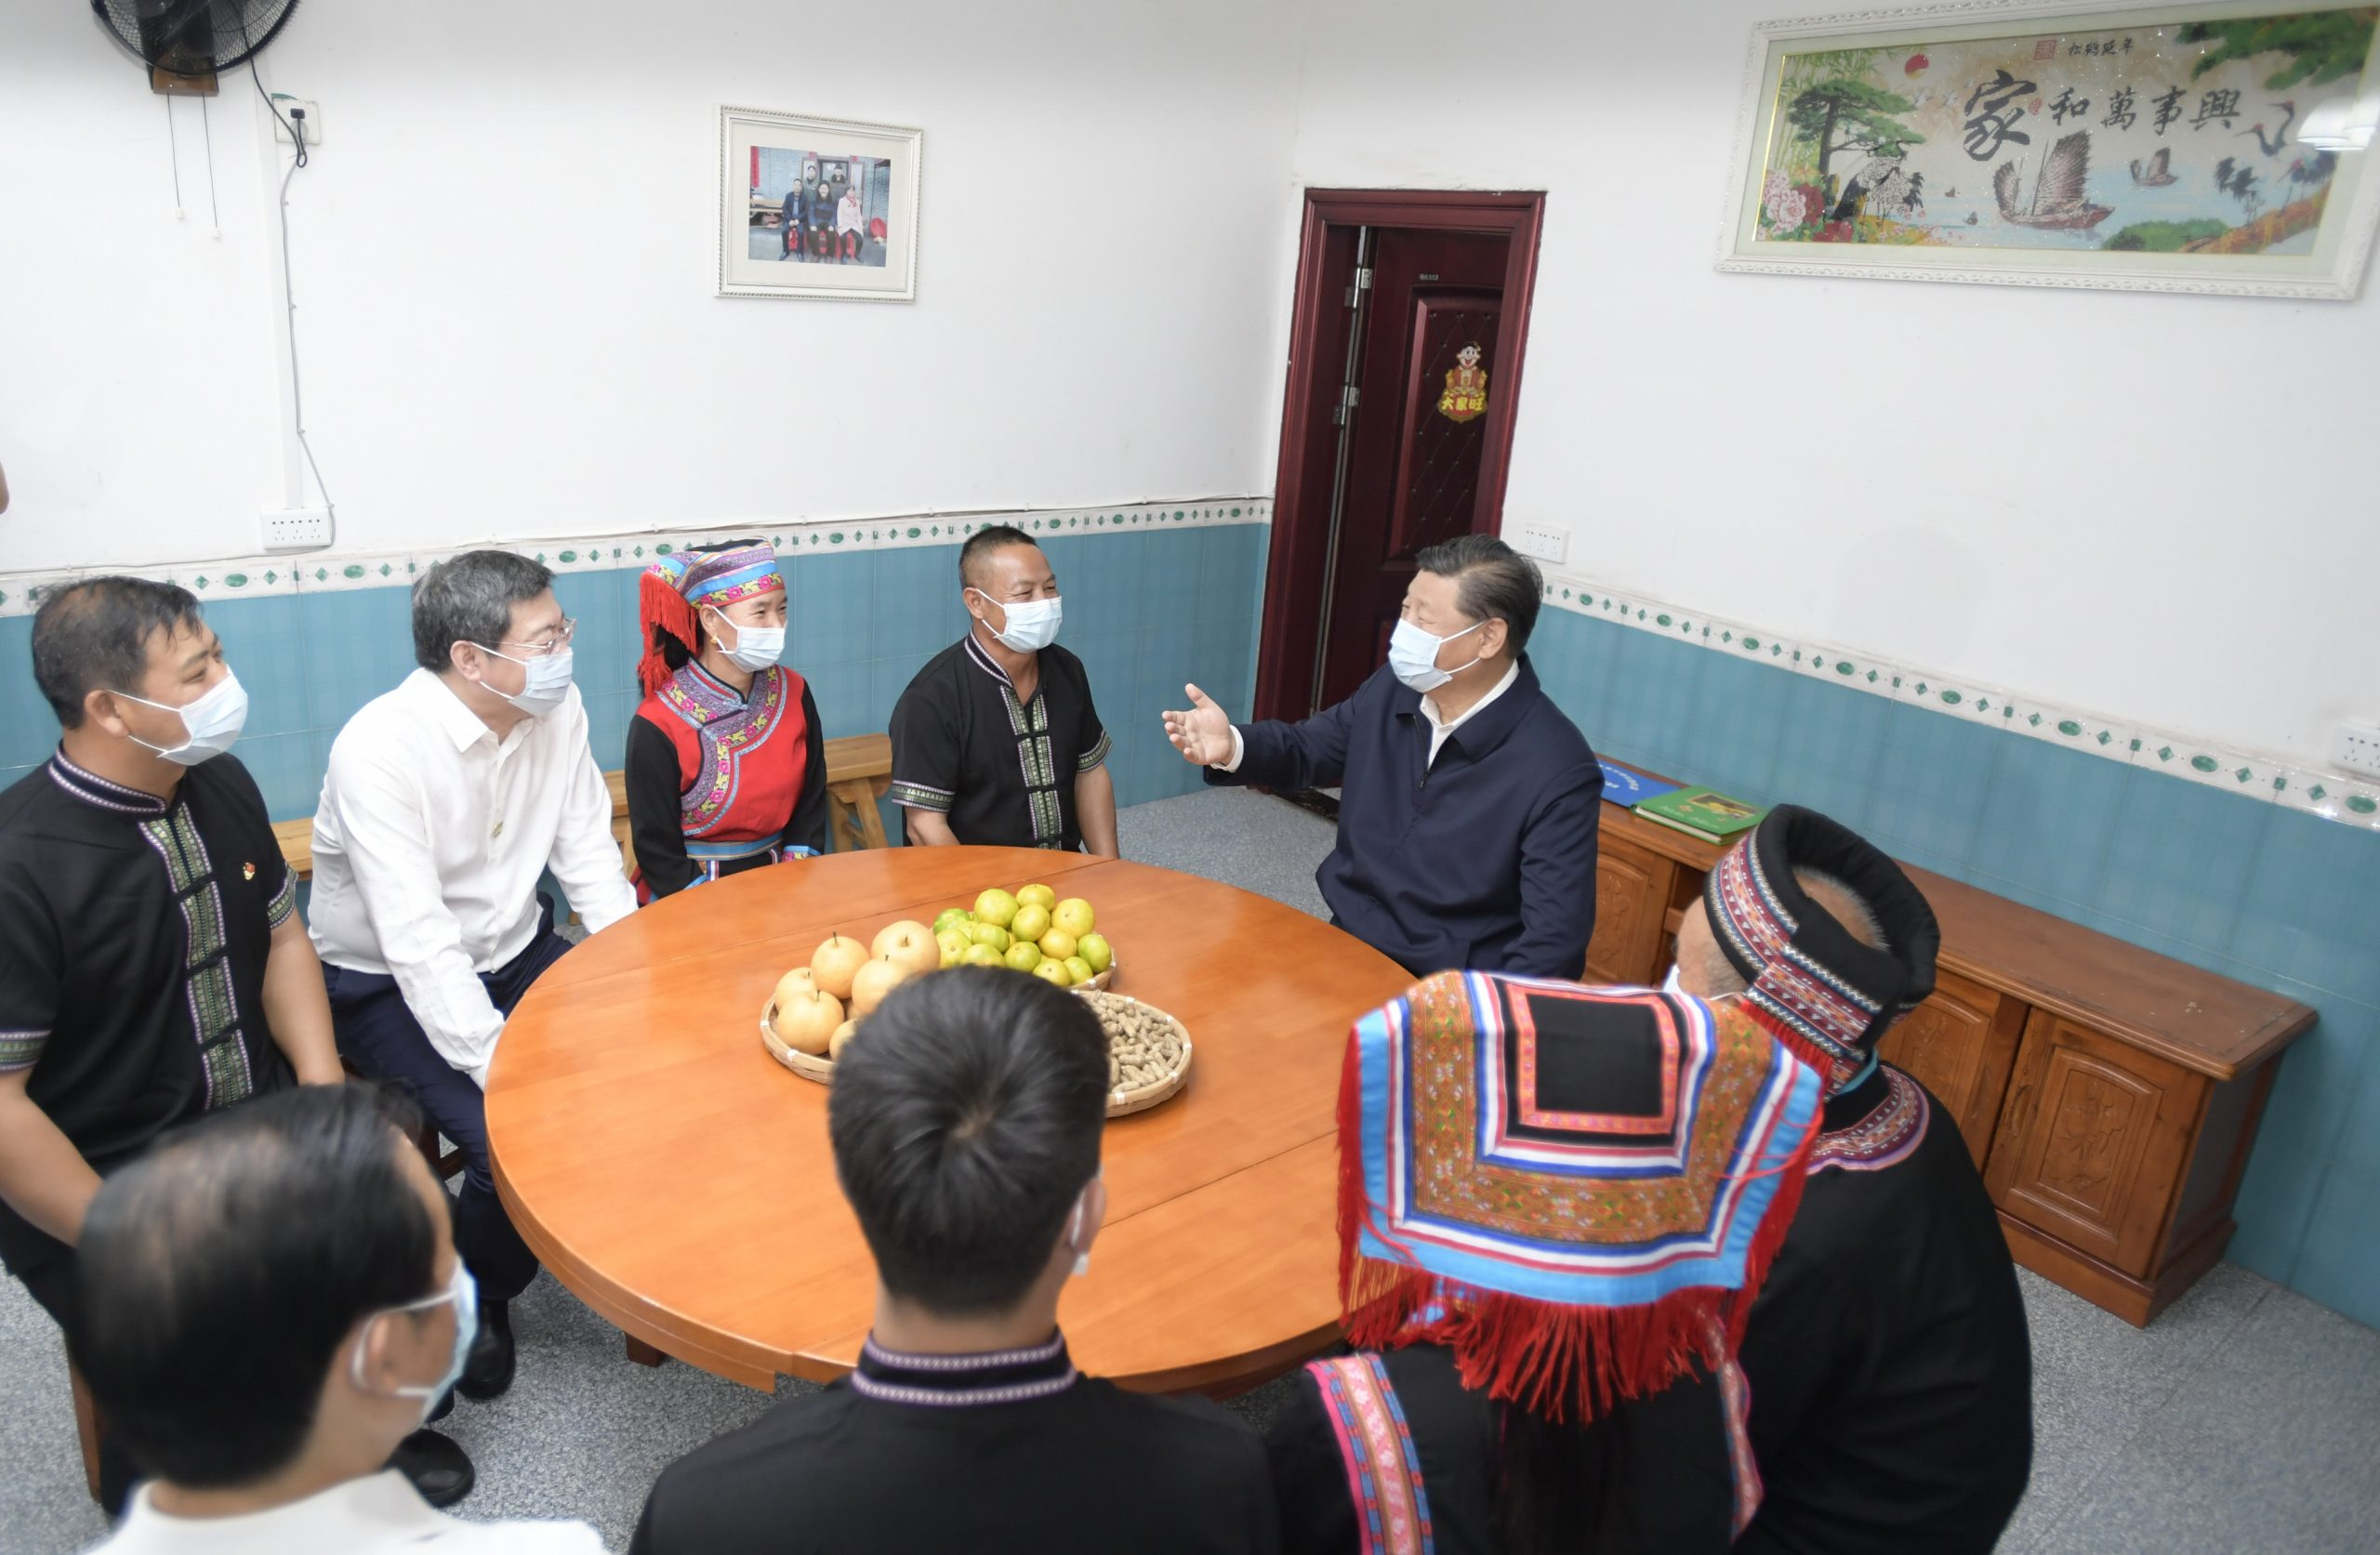 CHINA-HUNAN-XI JINPING-INSPECTION (CN)